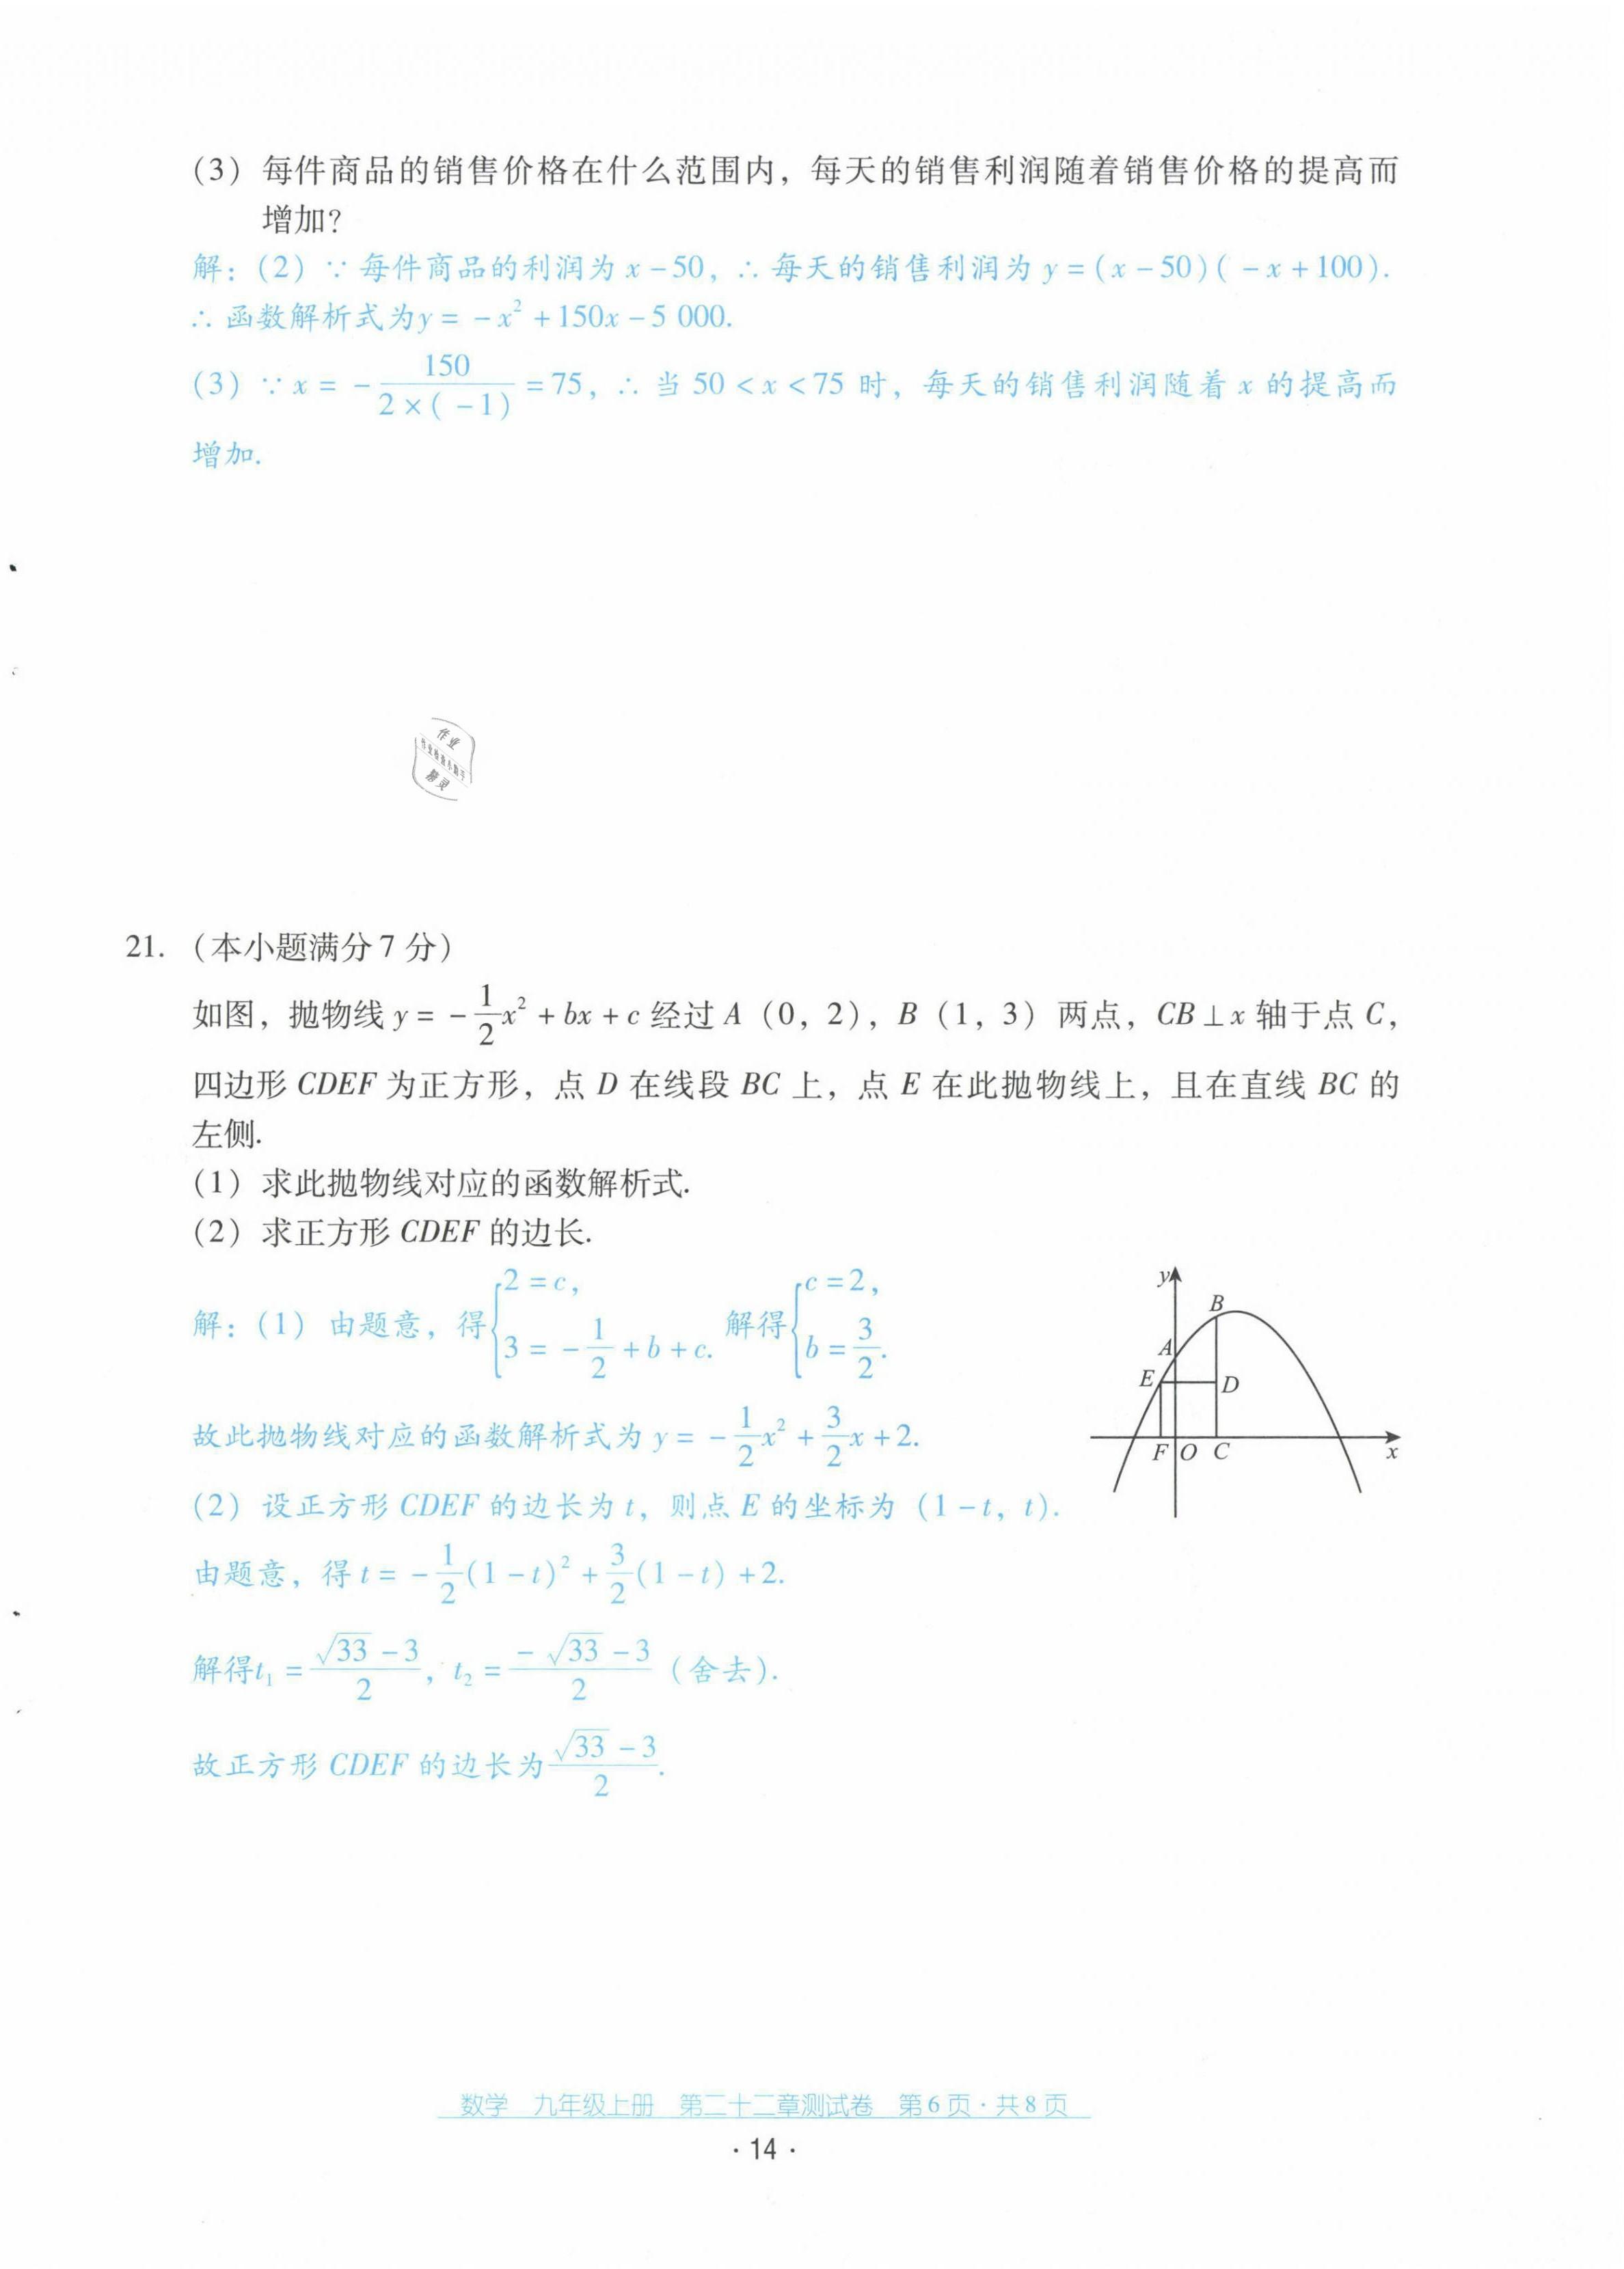 2021年云南省标准教辅优佳学案配套测试卷九年级数学上册人教版第14页